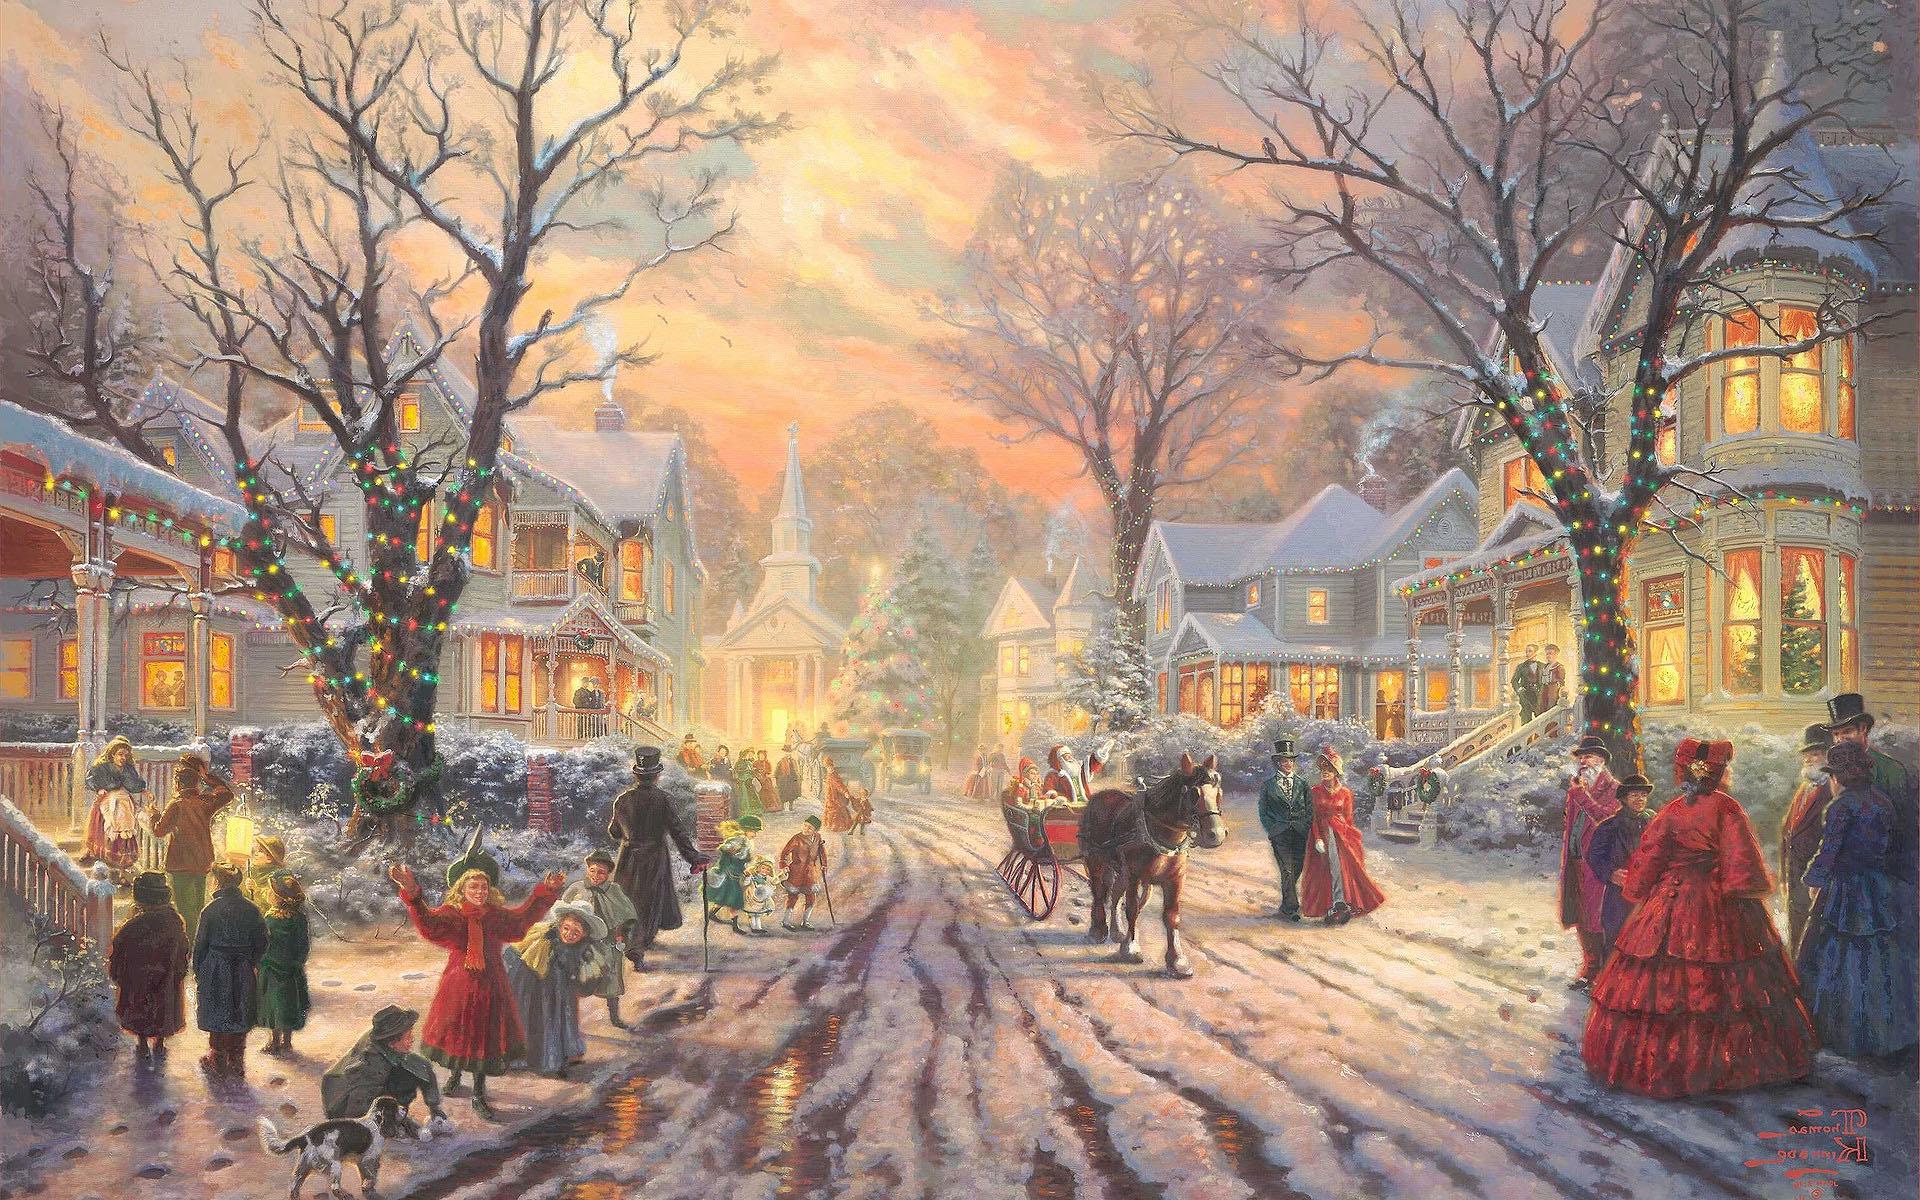 Яркие Рождественские огни в деревне, новогодние обои на Рождество, 1920 на 1200 пикселей